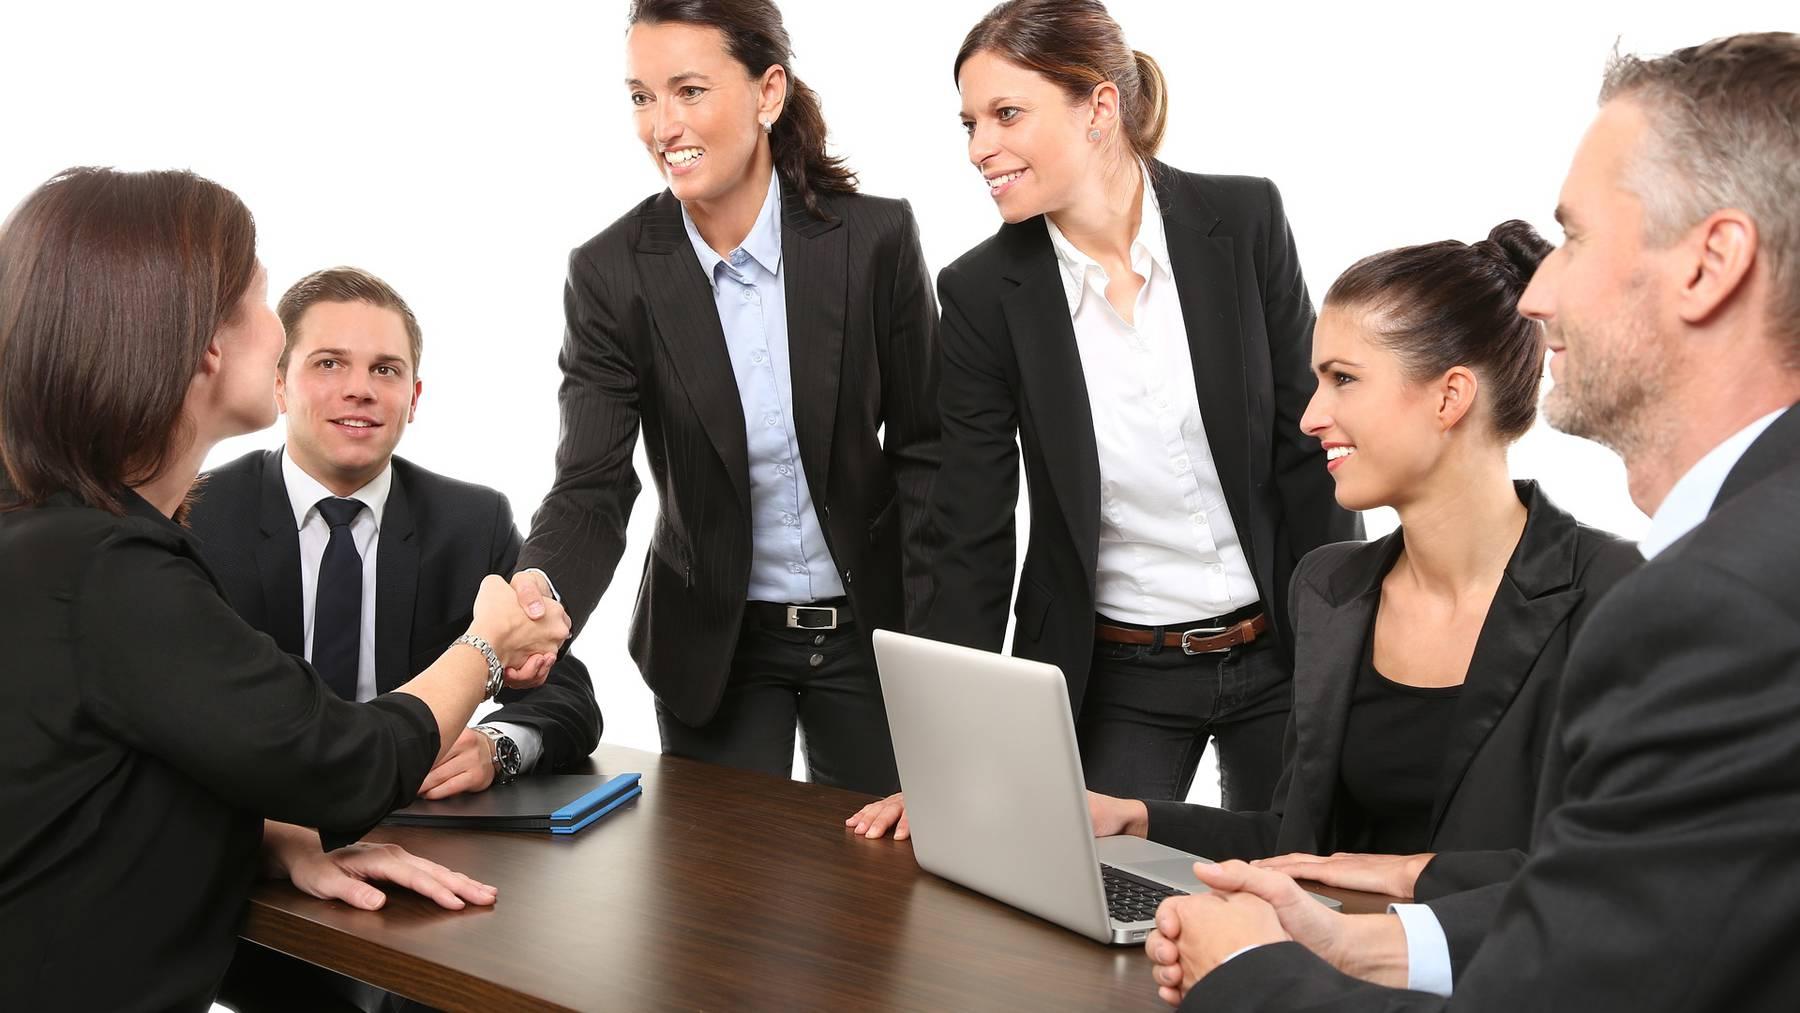 Schweizer Arbeitsmarkt wird weiblicher